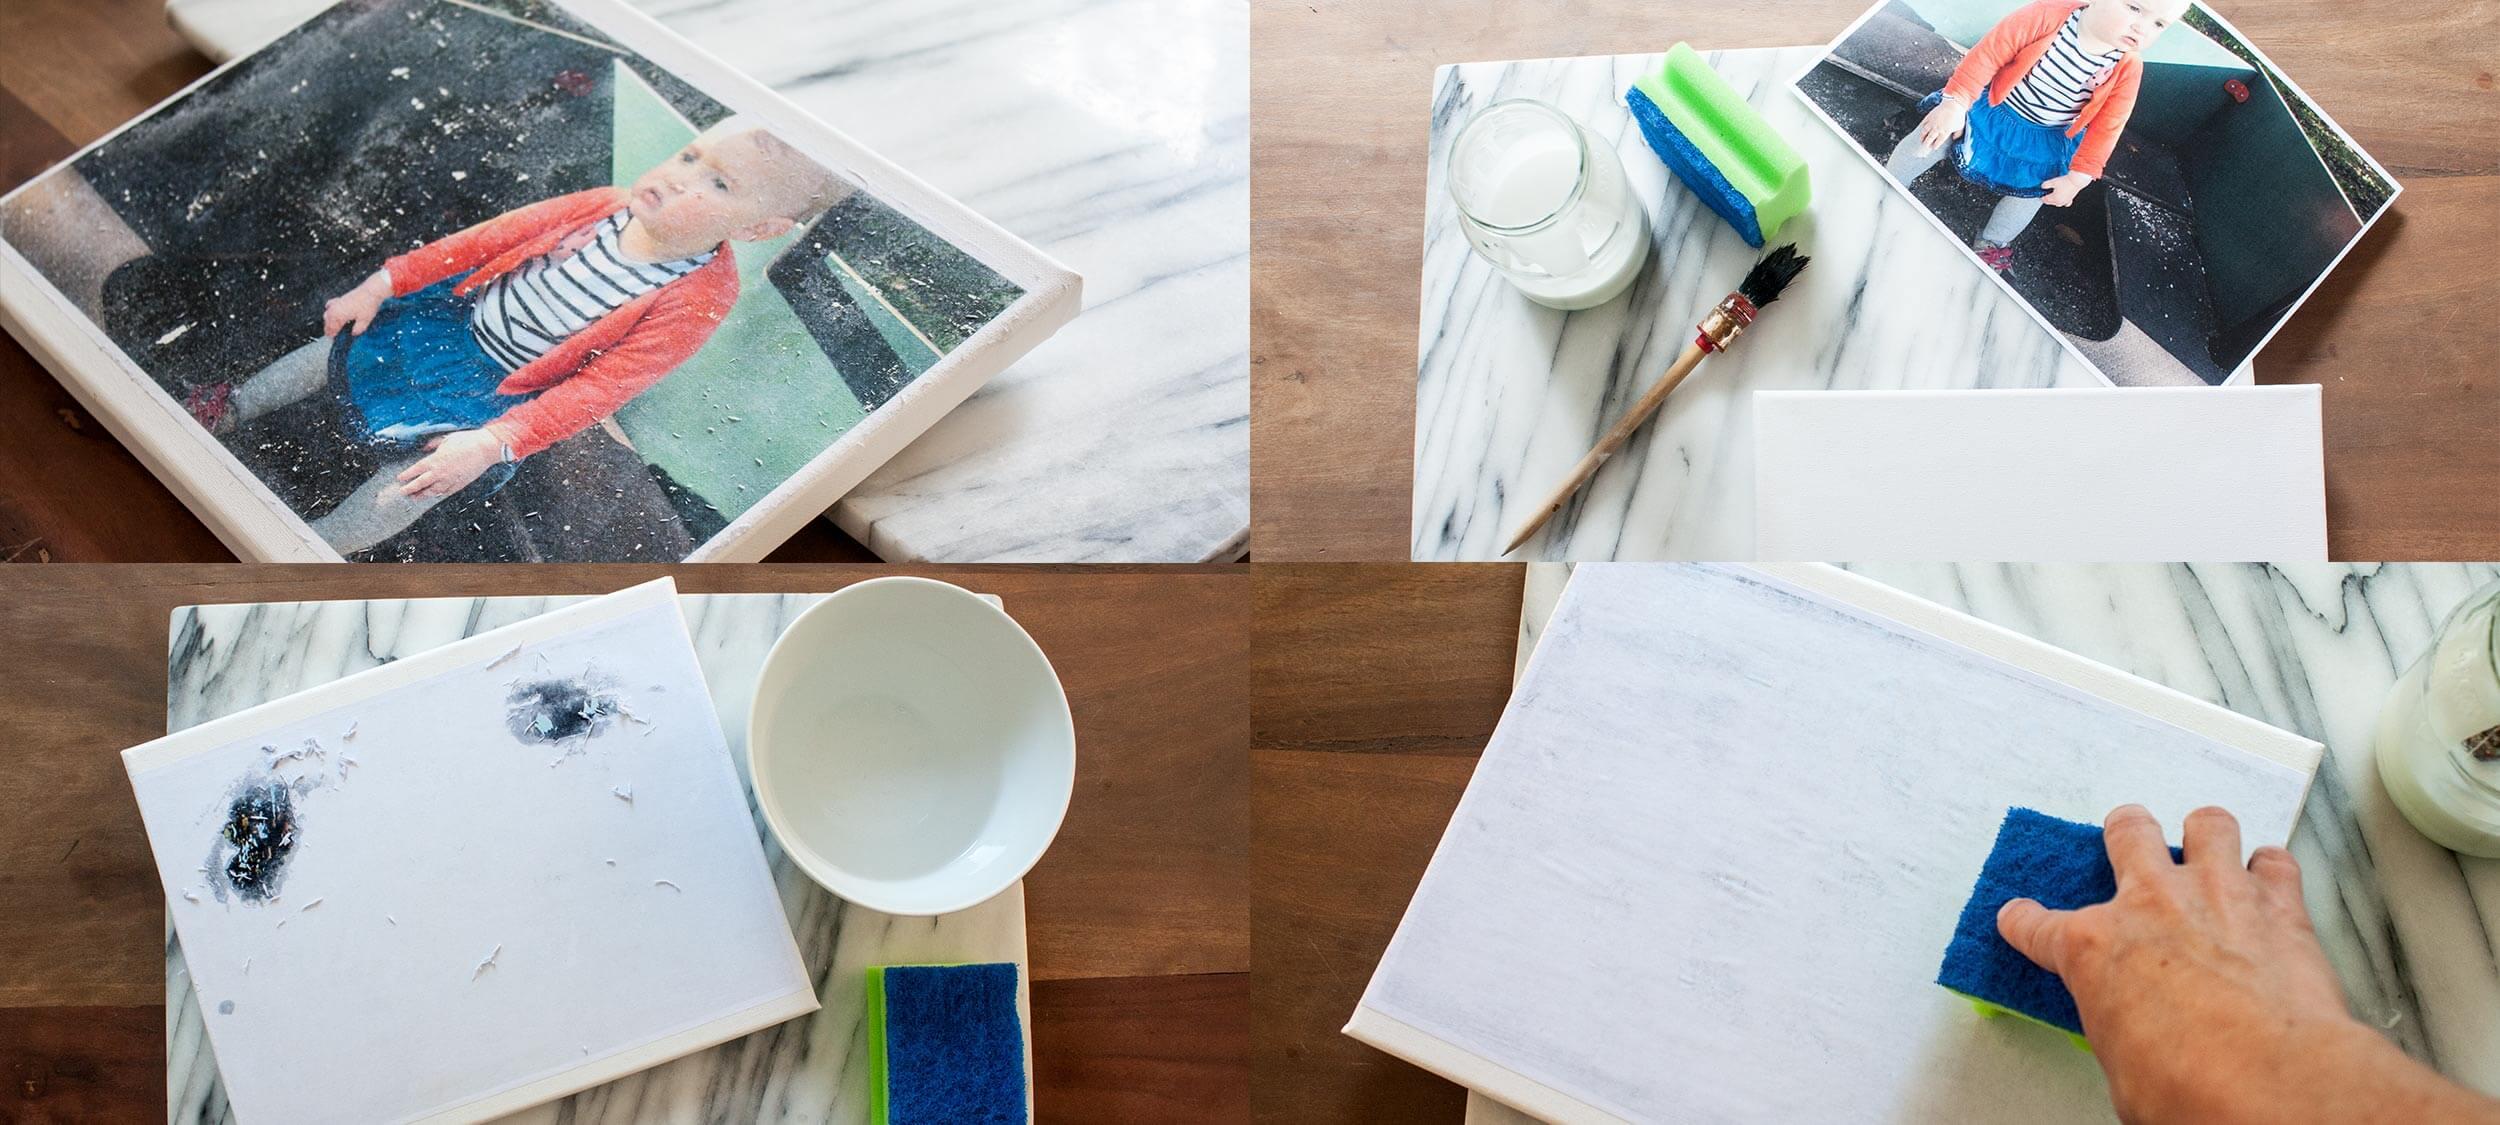 DIY – Foto auf Leinwand übertragen